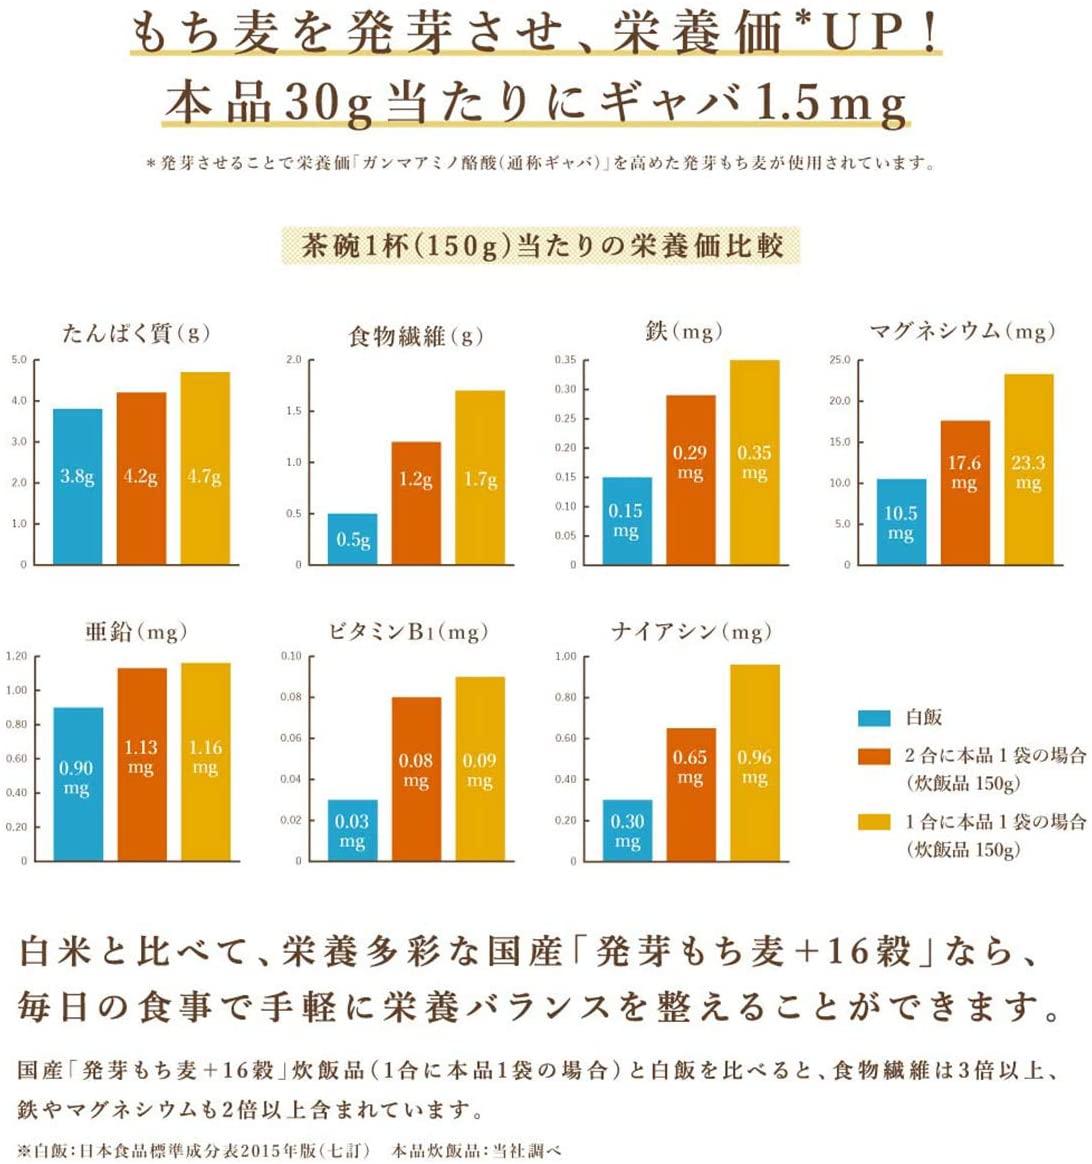 【定期購入】 国産「発芽もち麦+16穀」450g(30g×15)